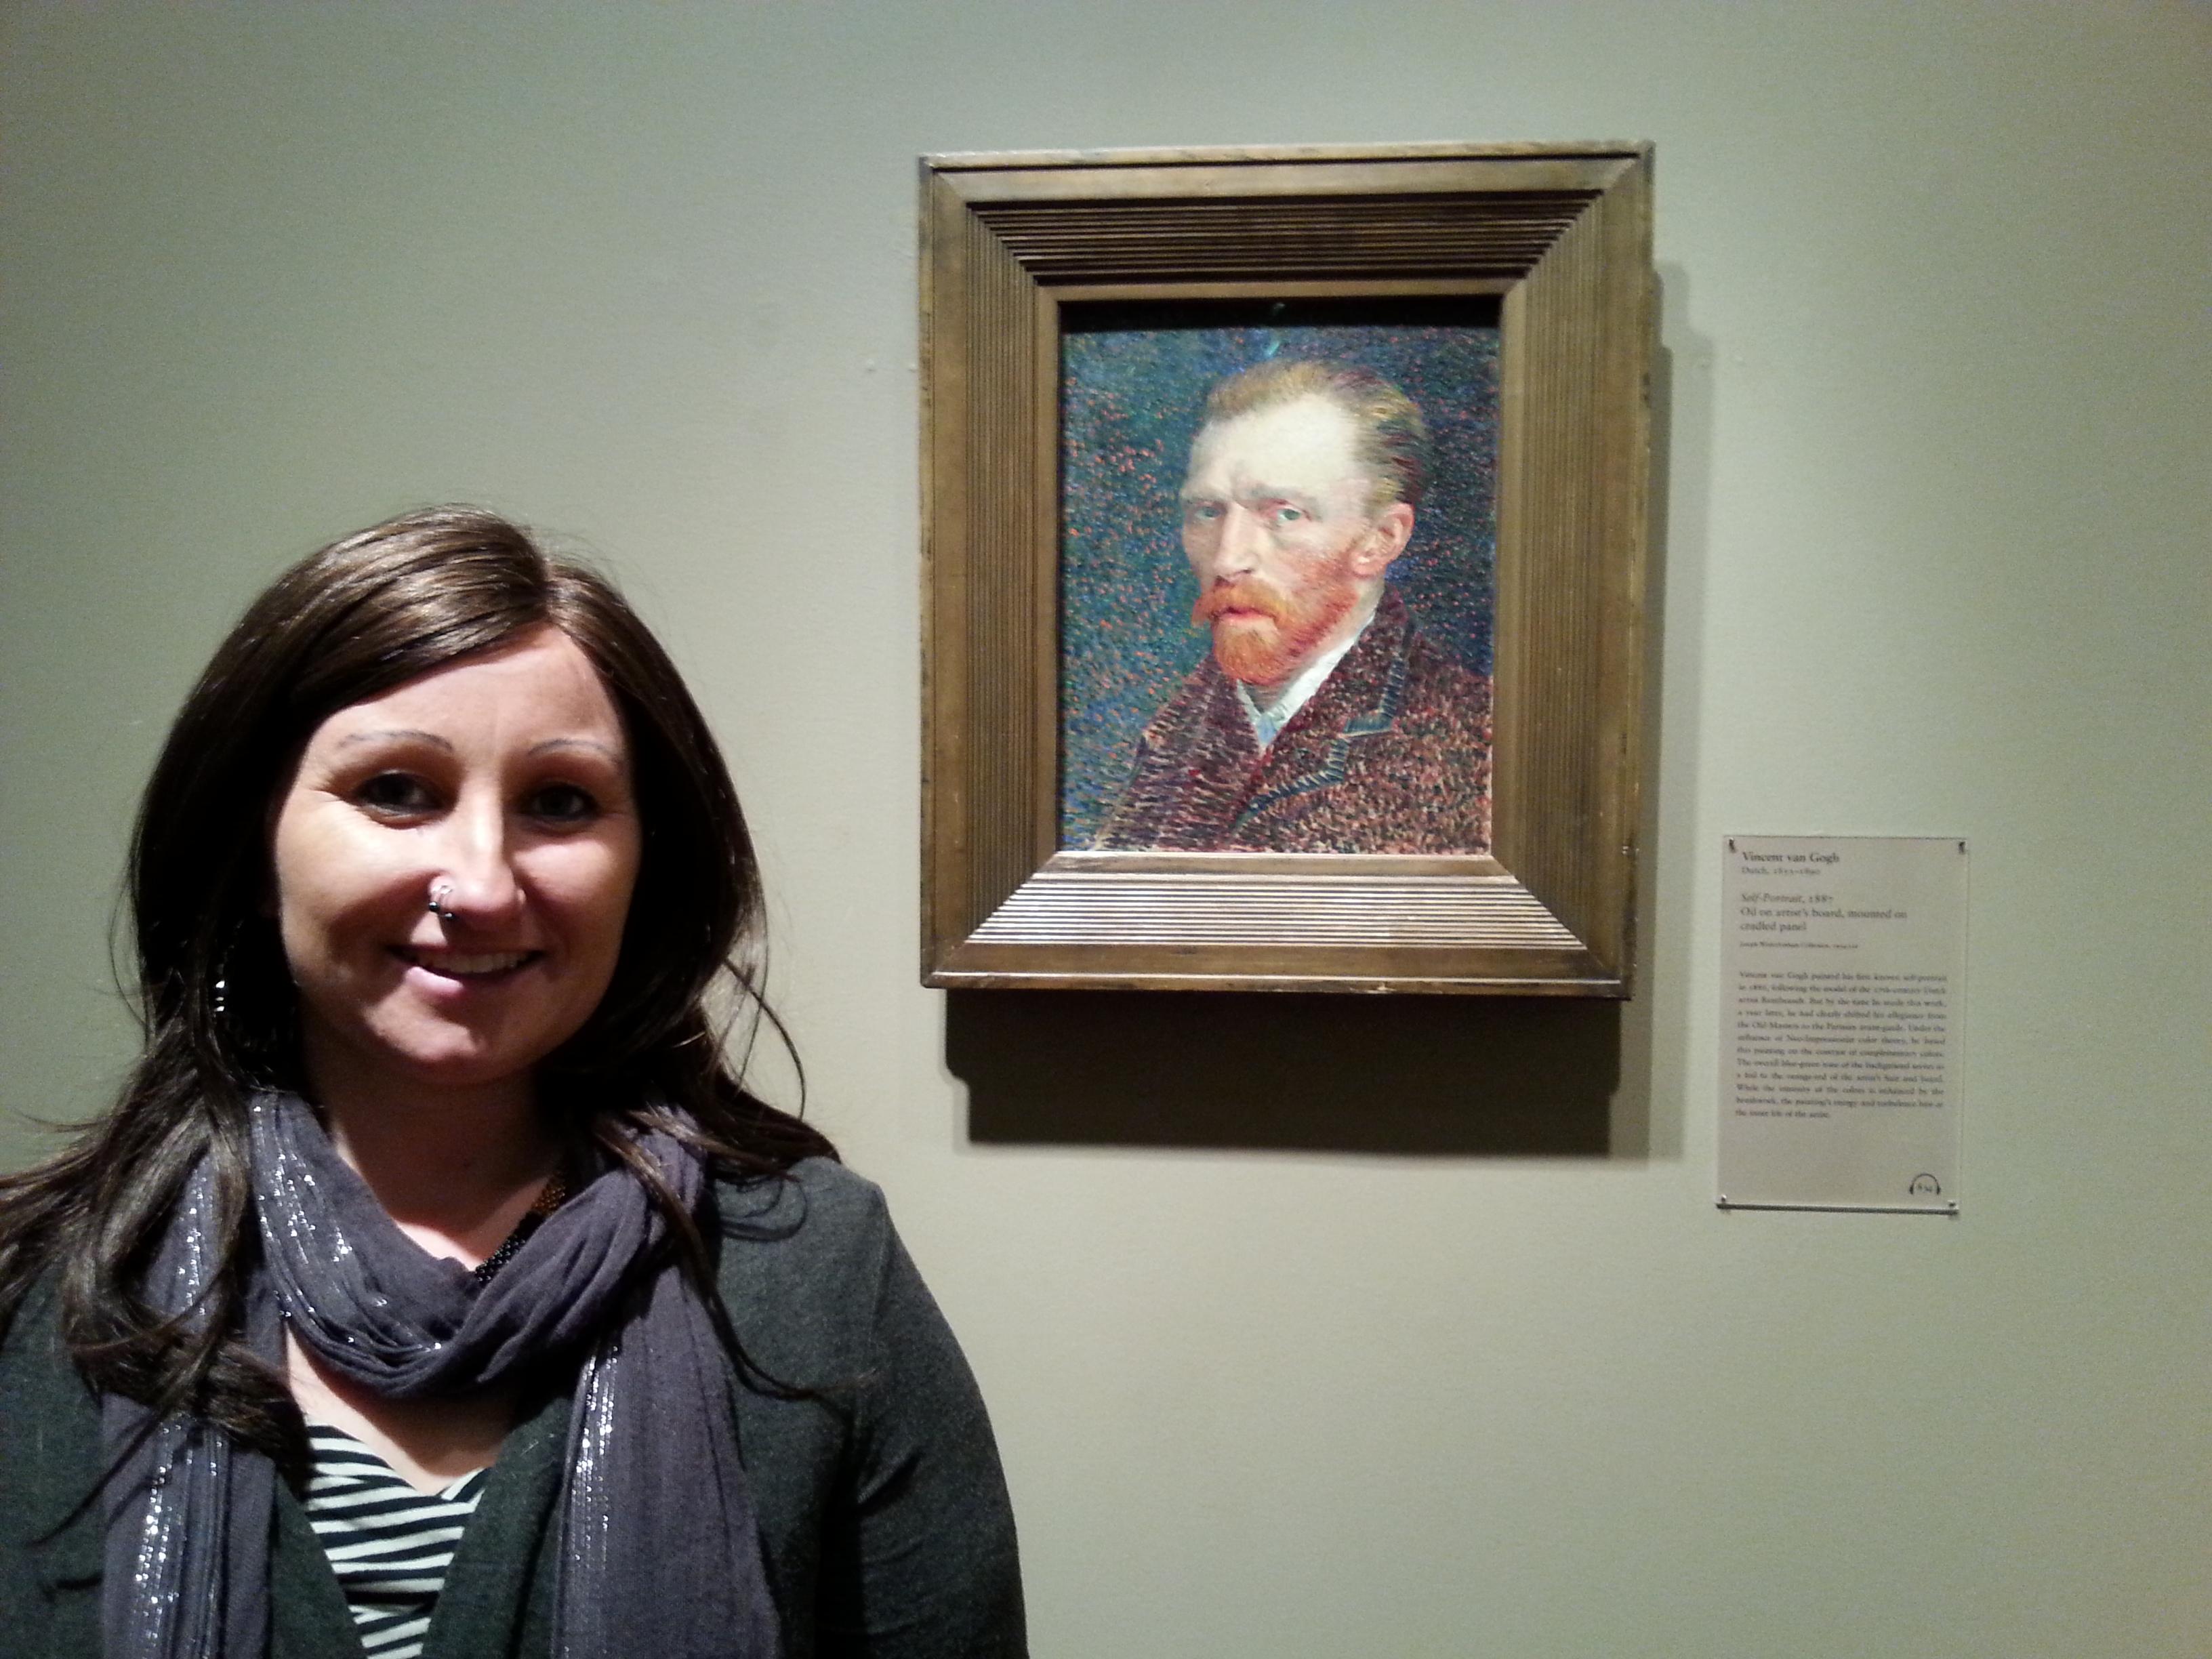 Hangin' with van Gogh